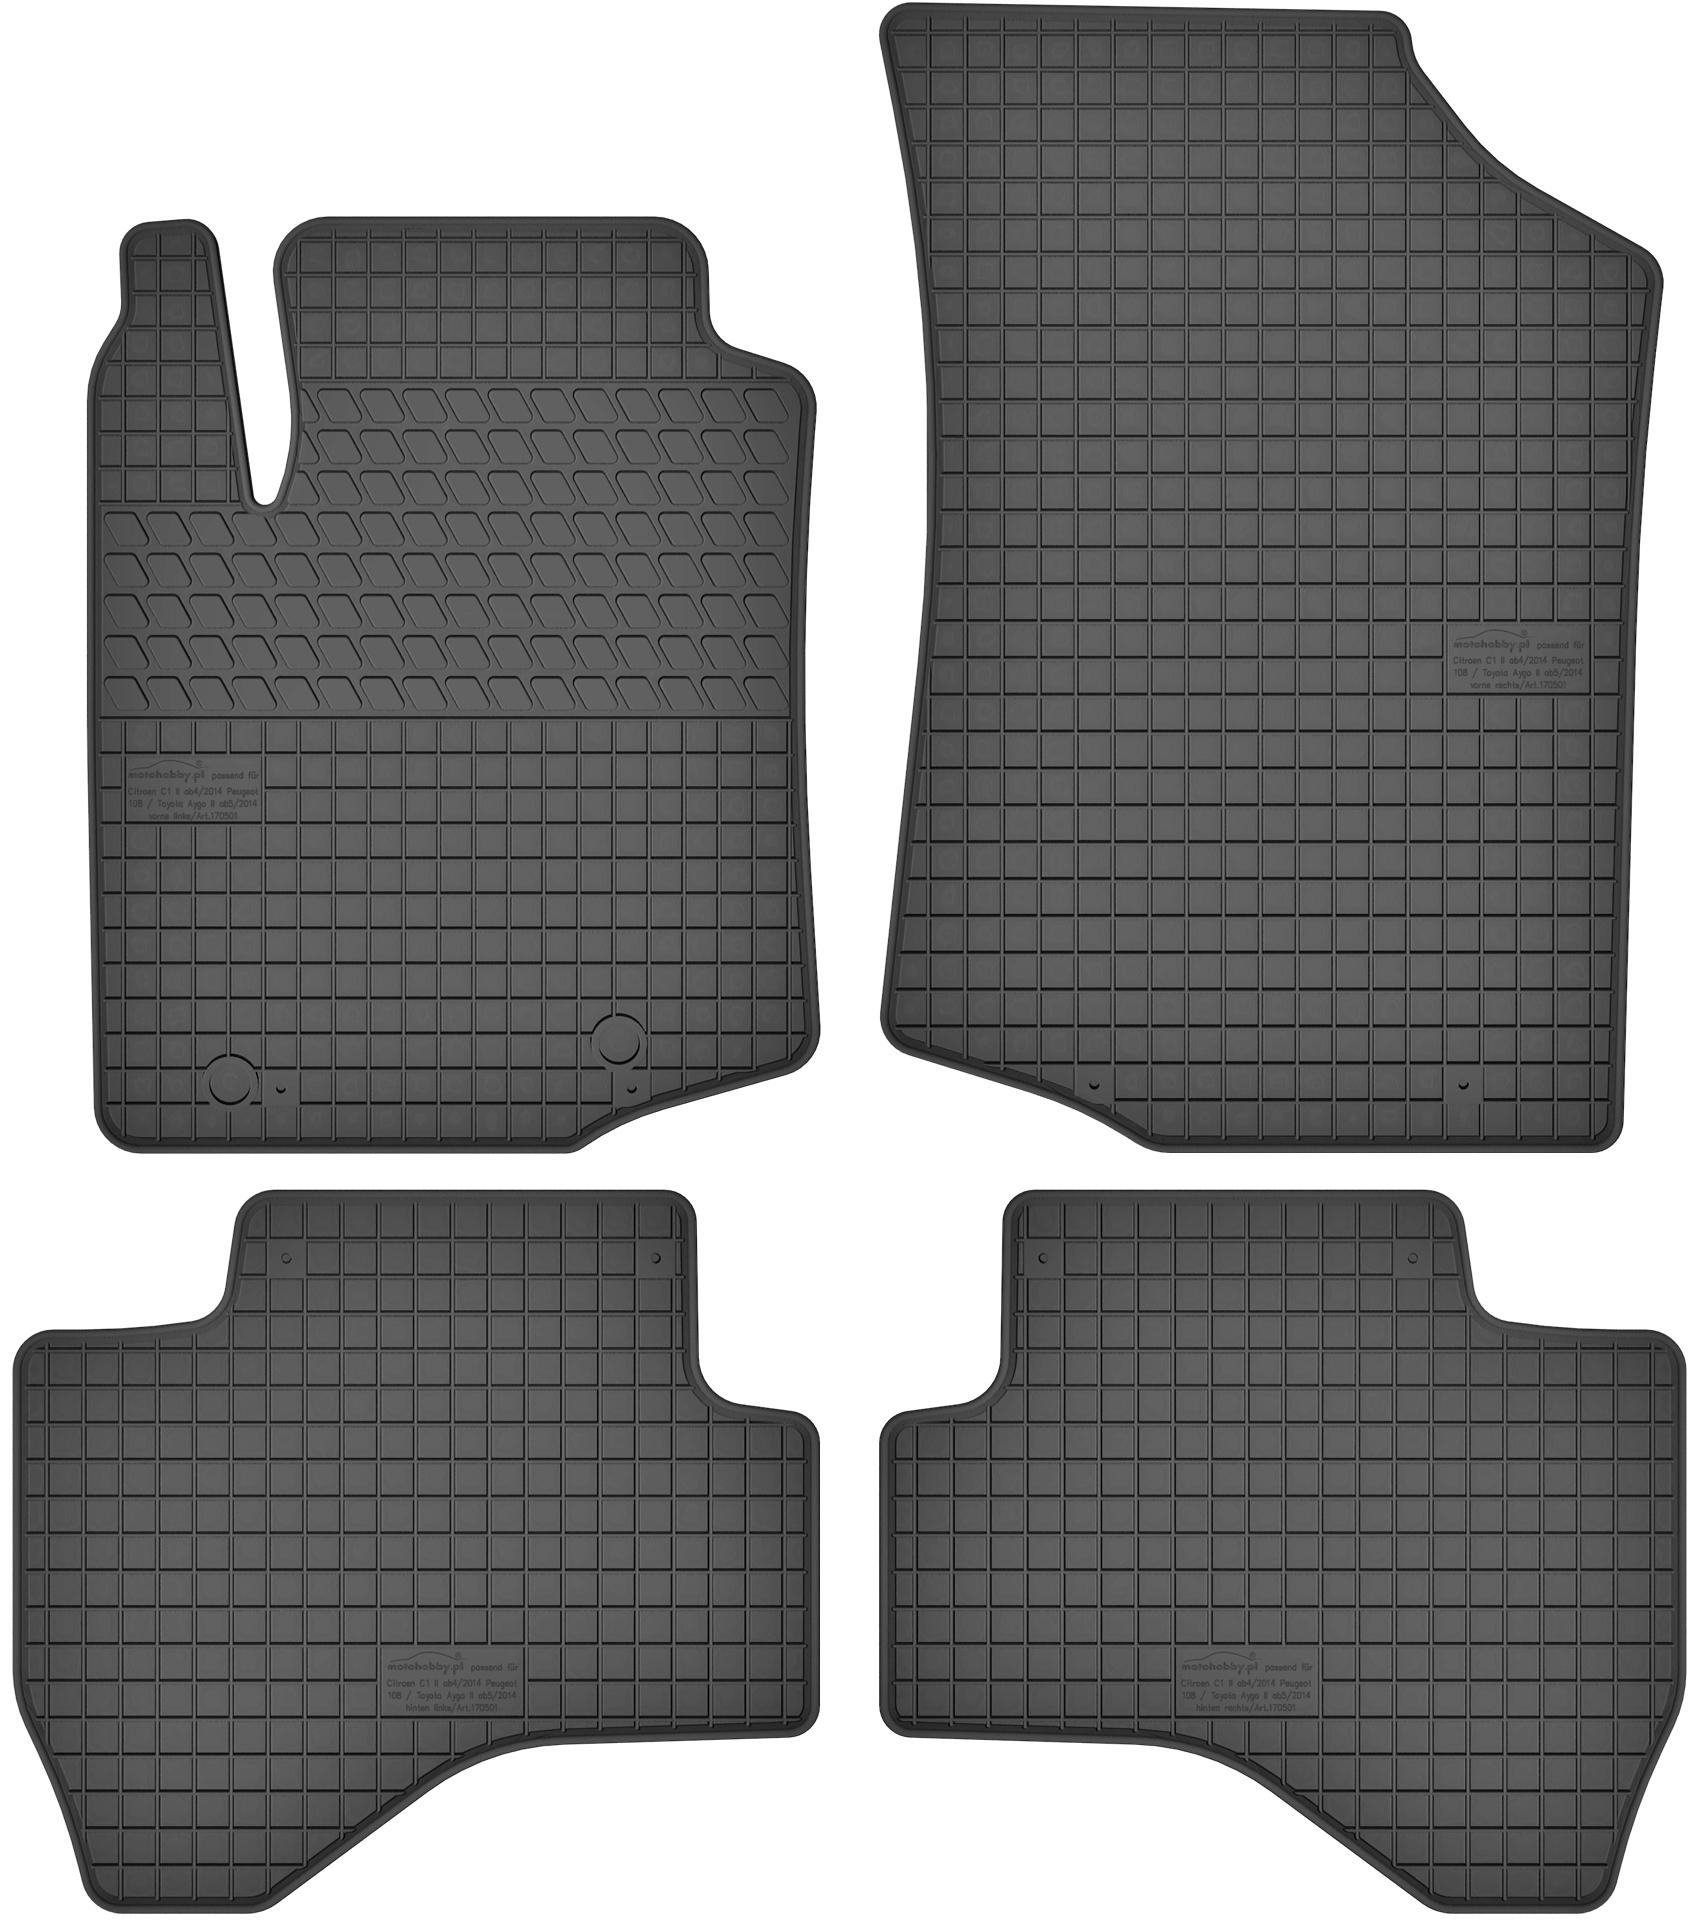 Gummi Fußmatten Ford Ranger Mazda BT-50 Gummimatten Gummifußmatten Set Matten